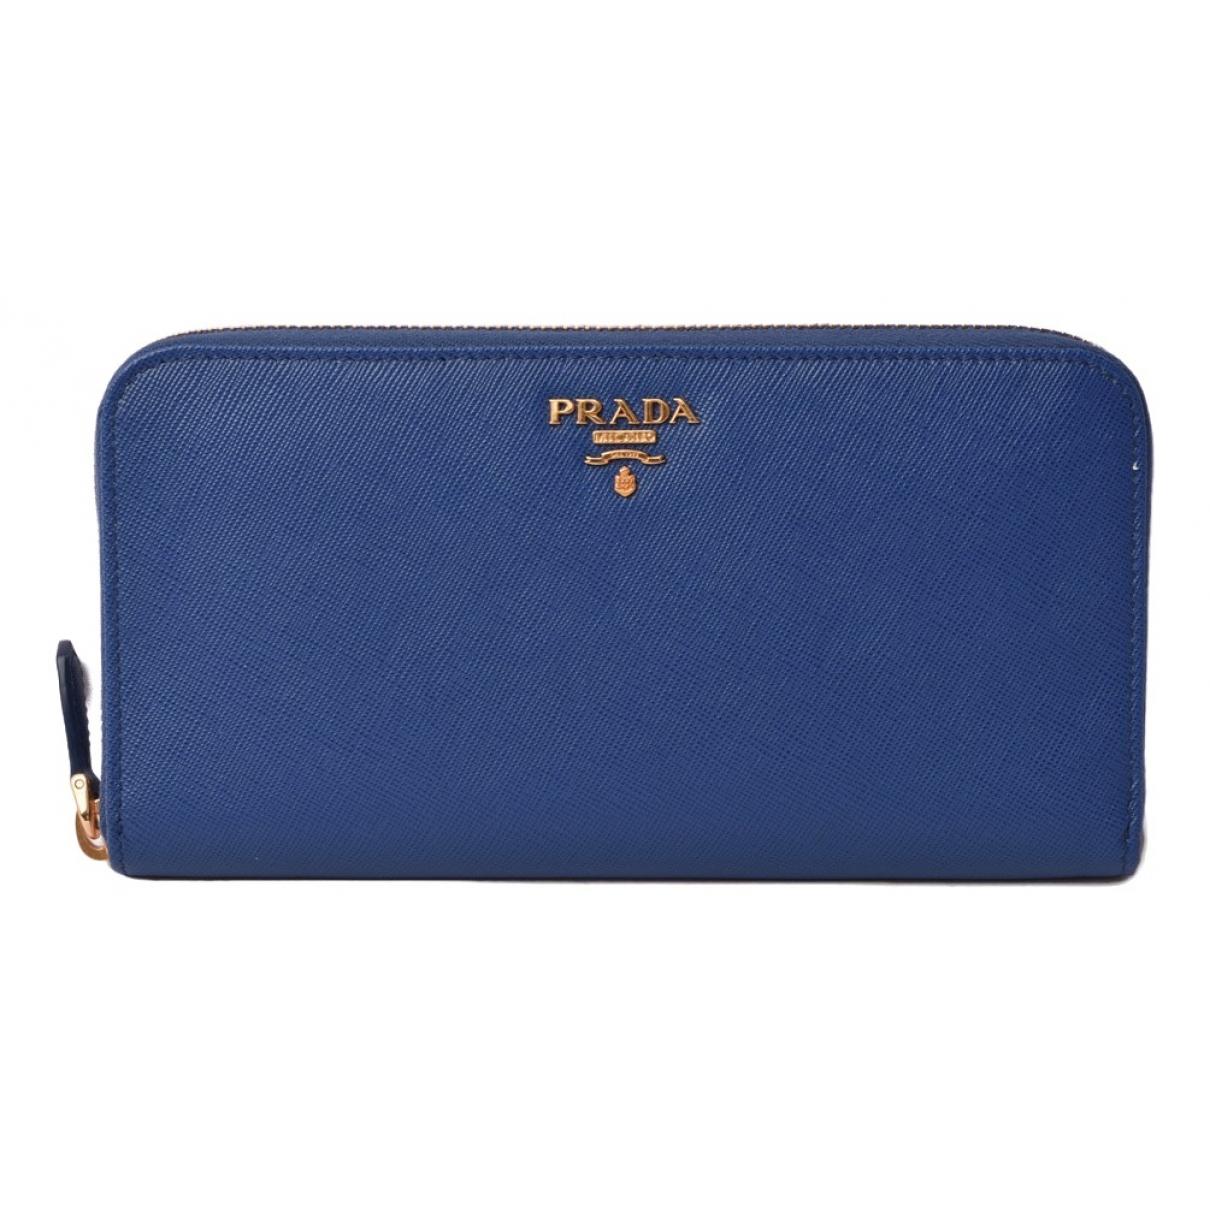 Prada \N Blue Leather wallet for Women \N